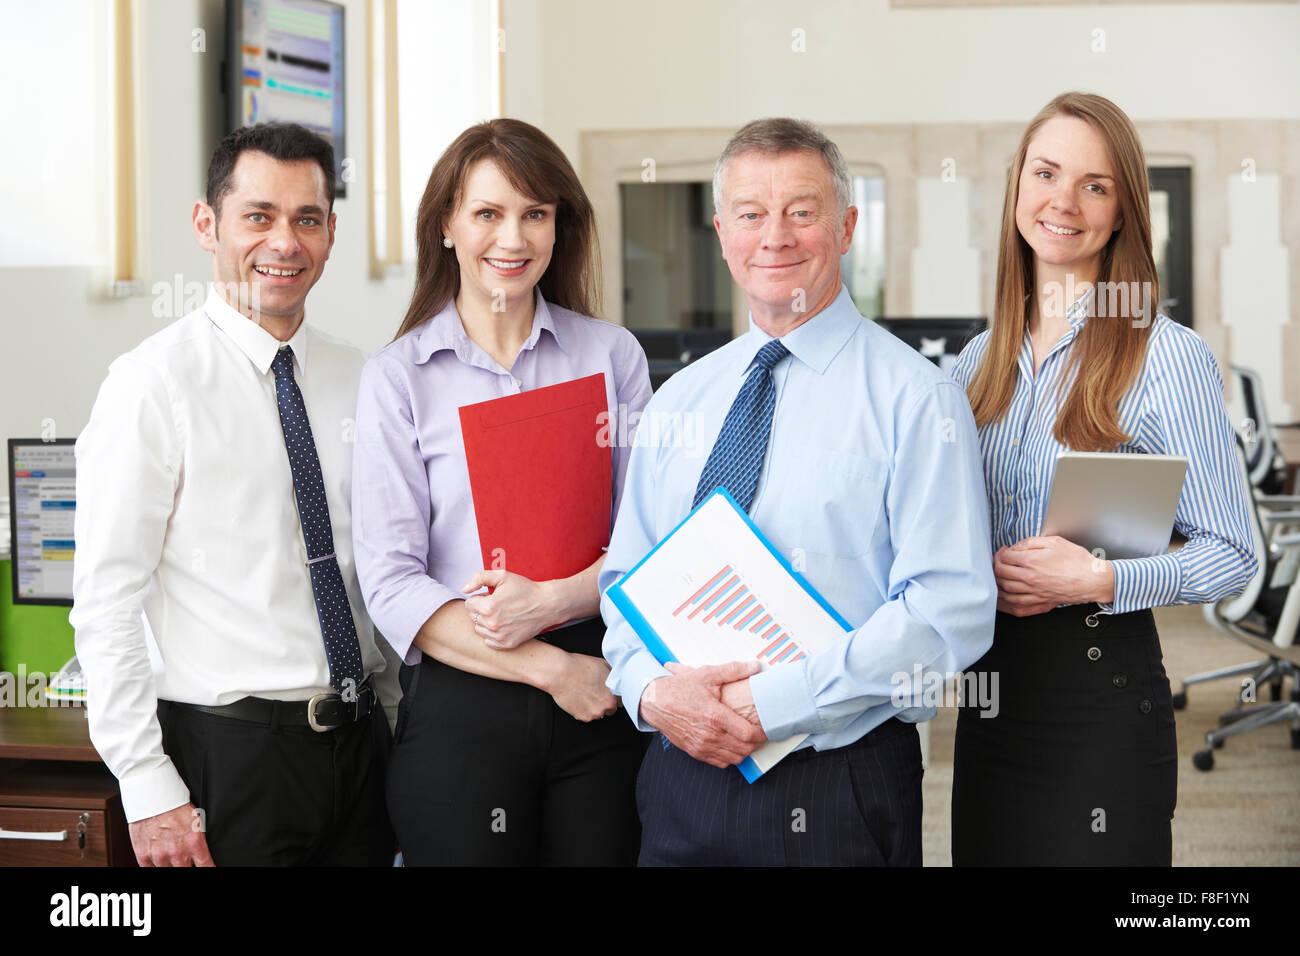 Retrato de equipo comercial en oficina moderna Imagen De Stock